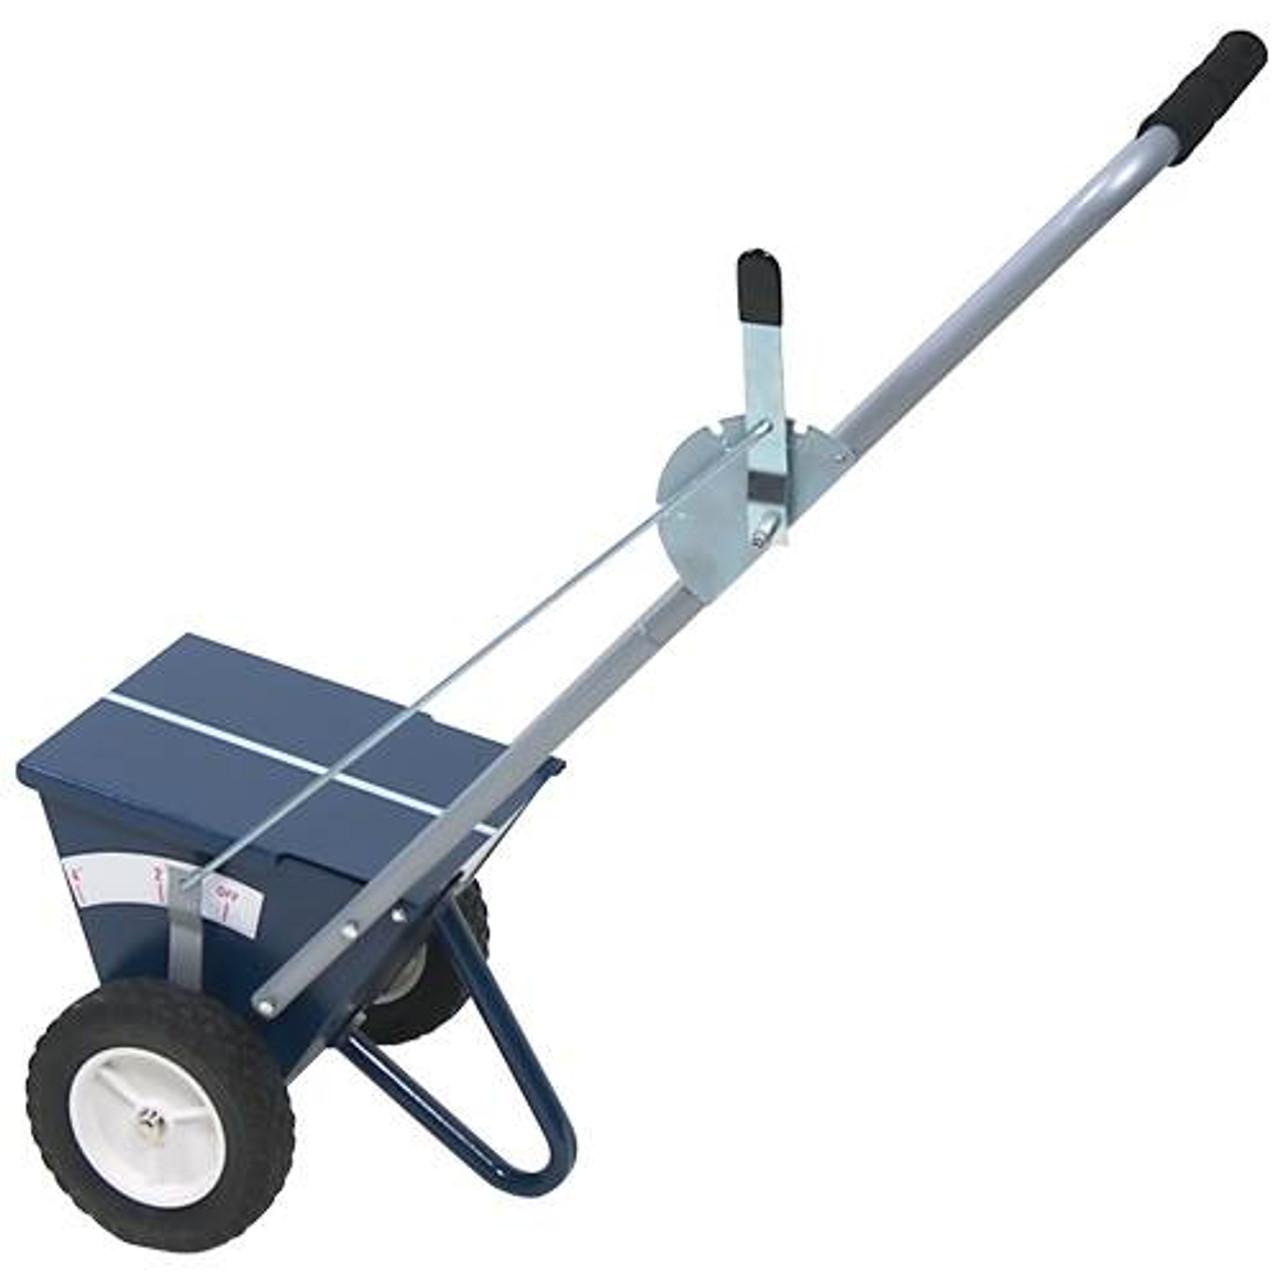 AlumaGoal 2-wheel dry line marker for baseball field maintenance